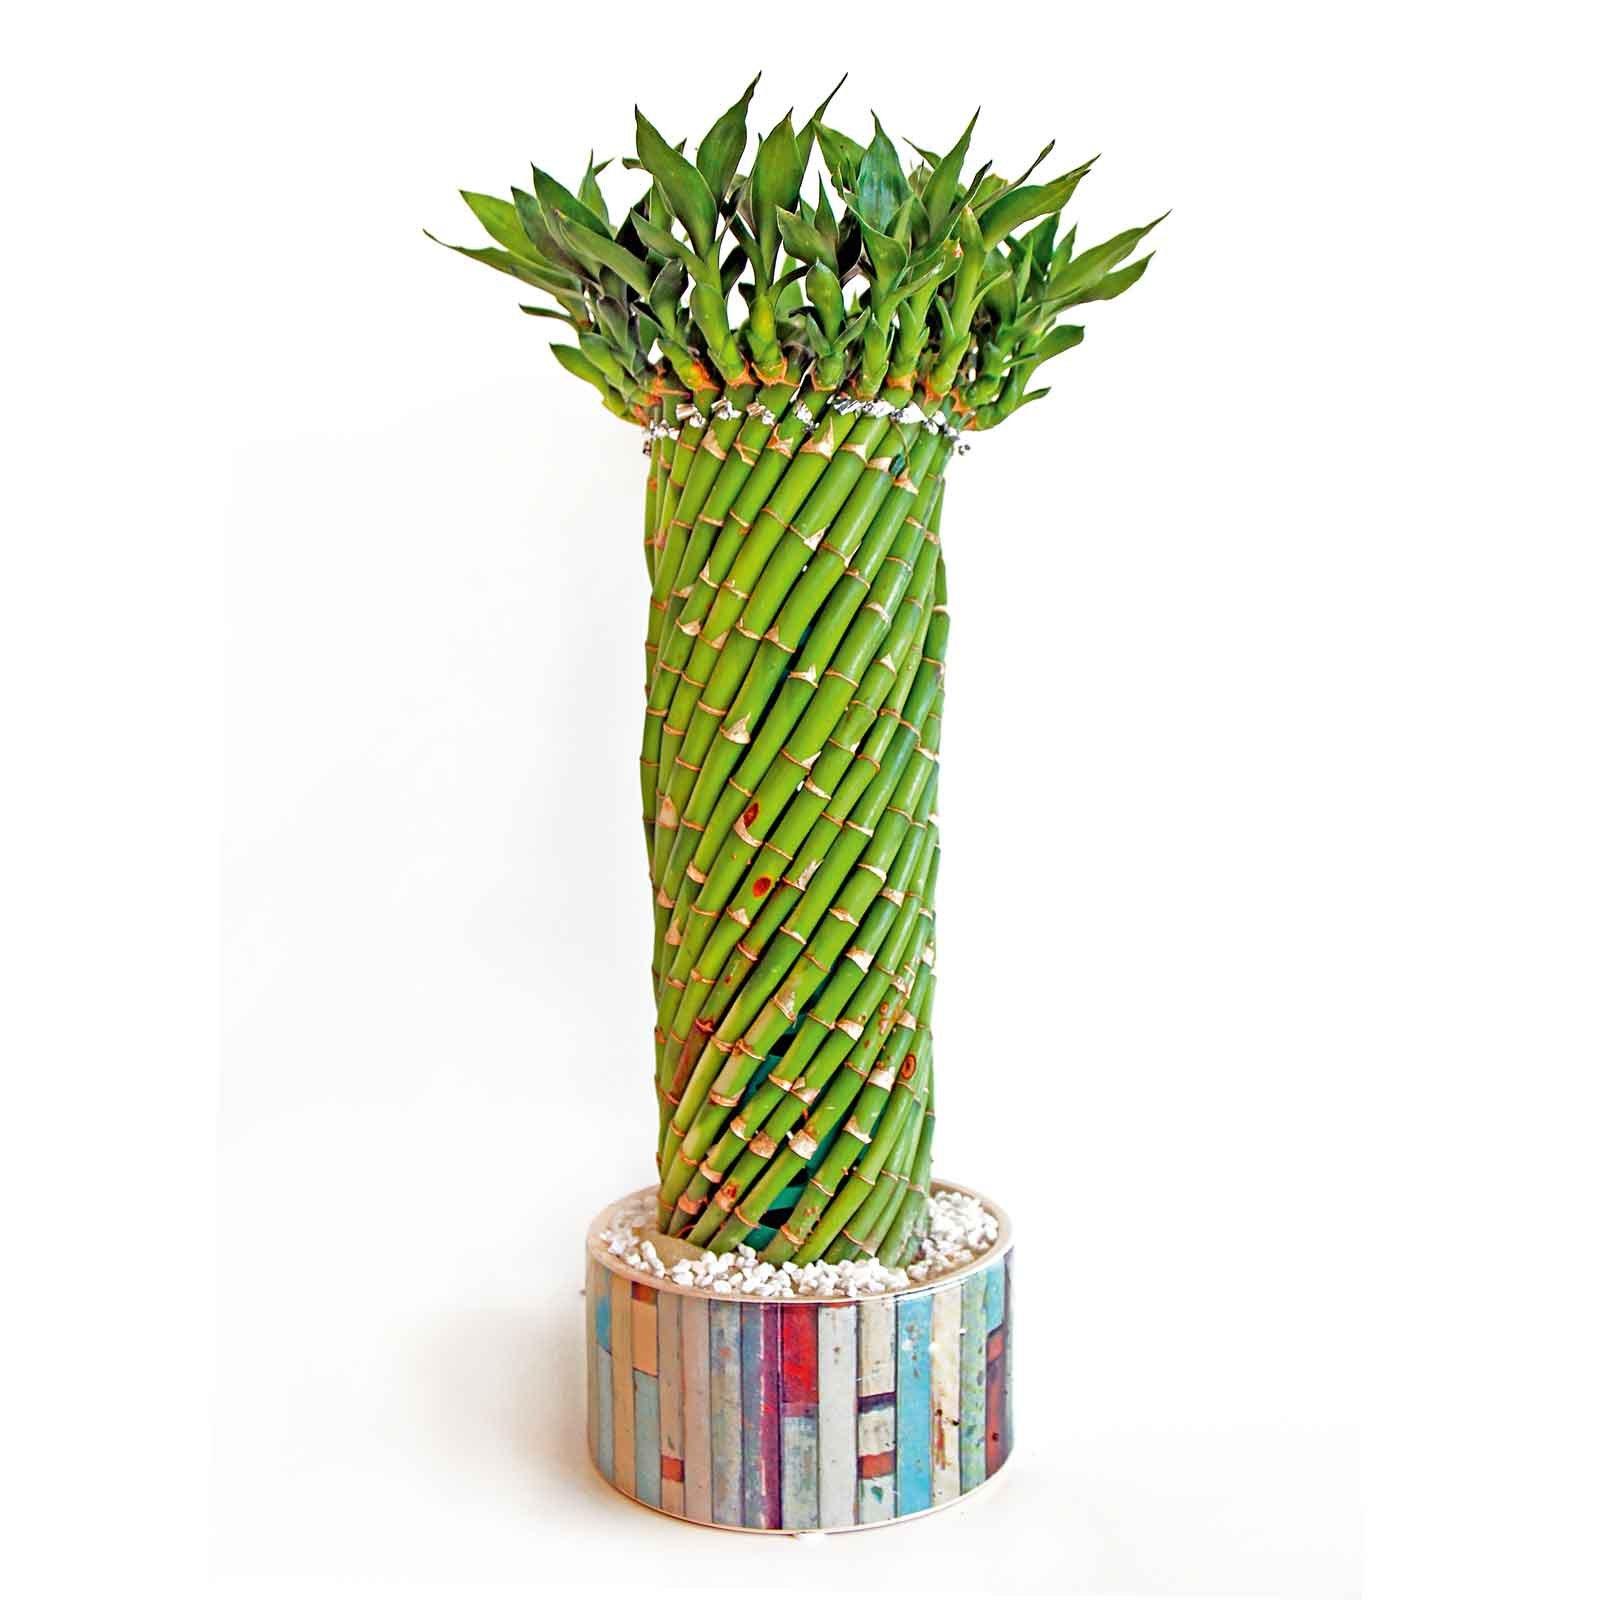 Otto piante da regalare a natale cose di casa - Bambu in vaso acqua ...